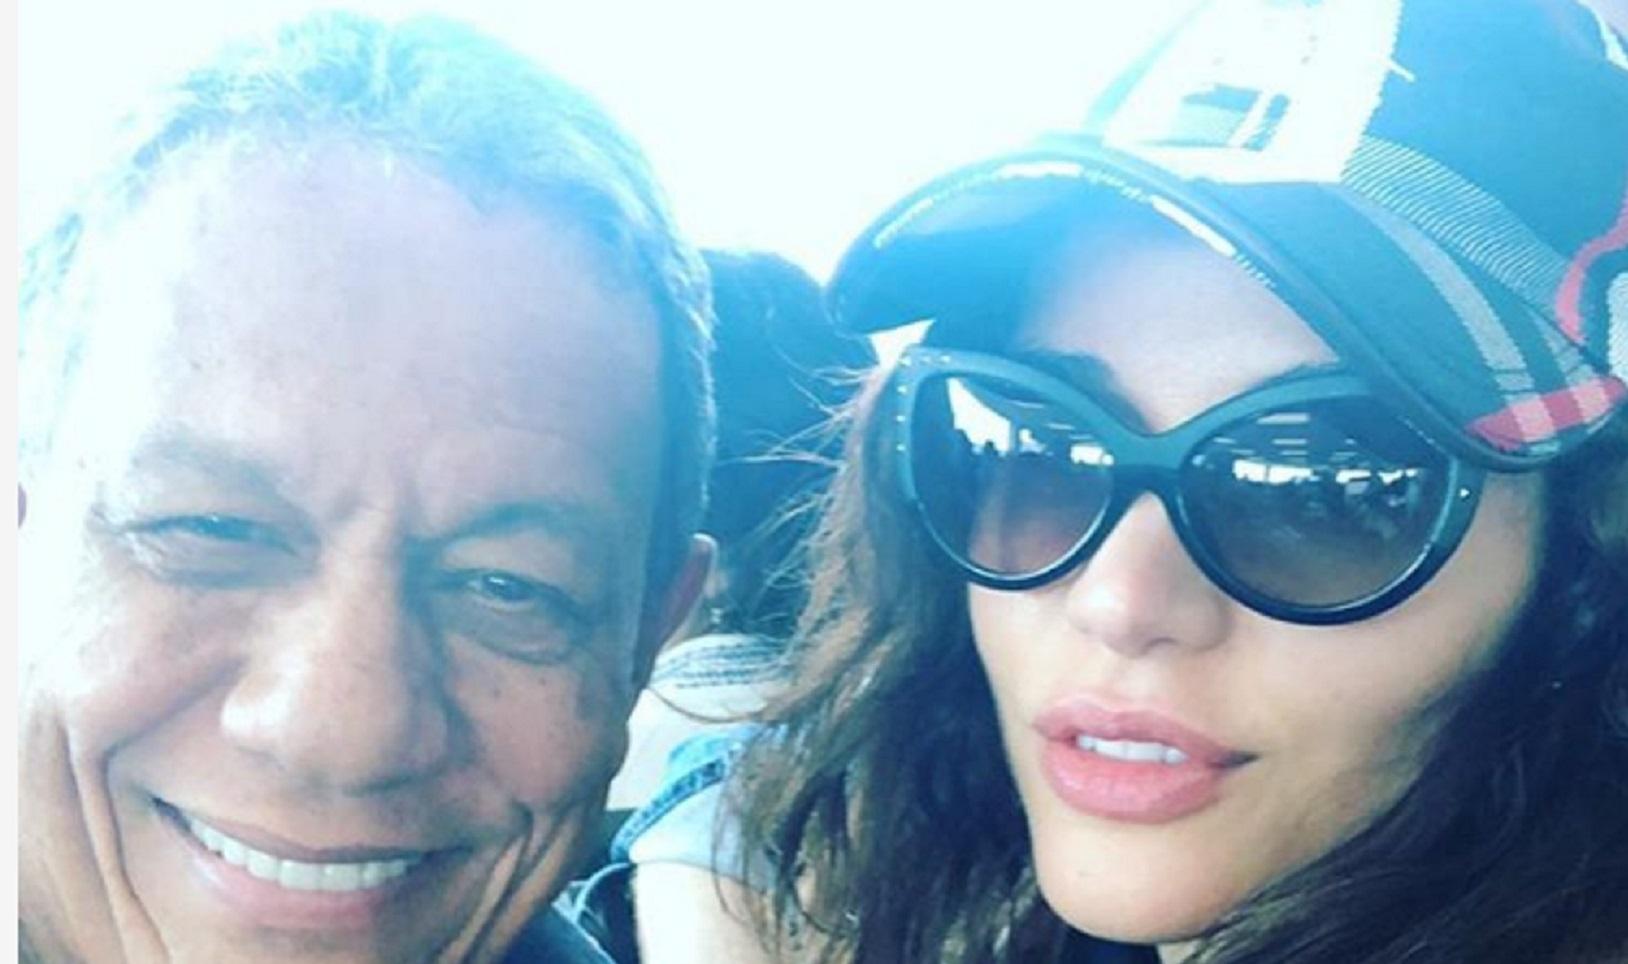 Ex-BBB Maria Melilo é detonada após postar foto do namorado milionário de 75 anos